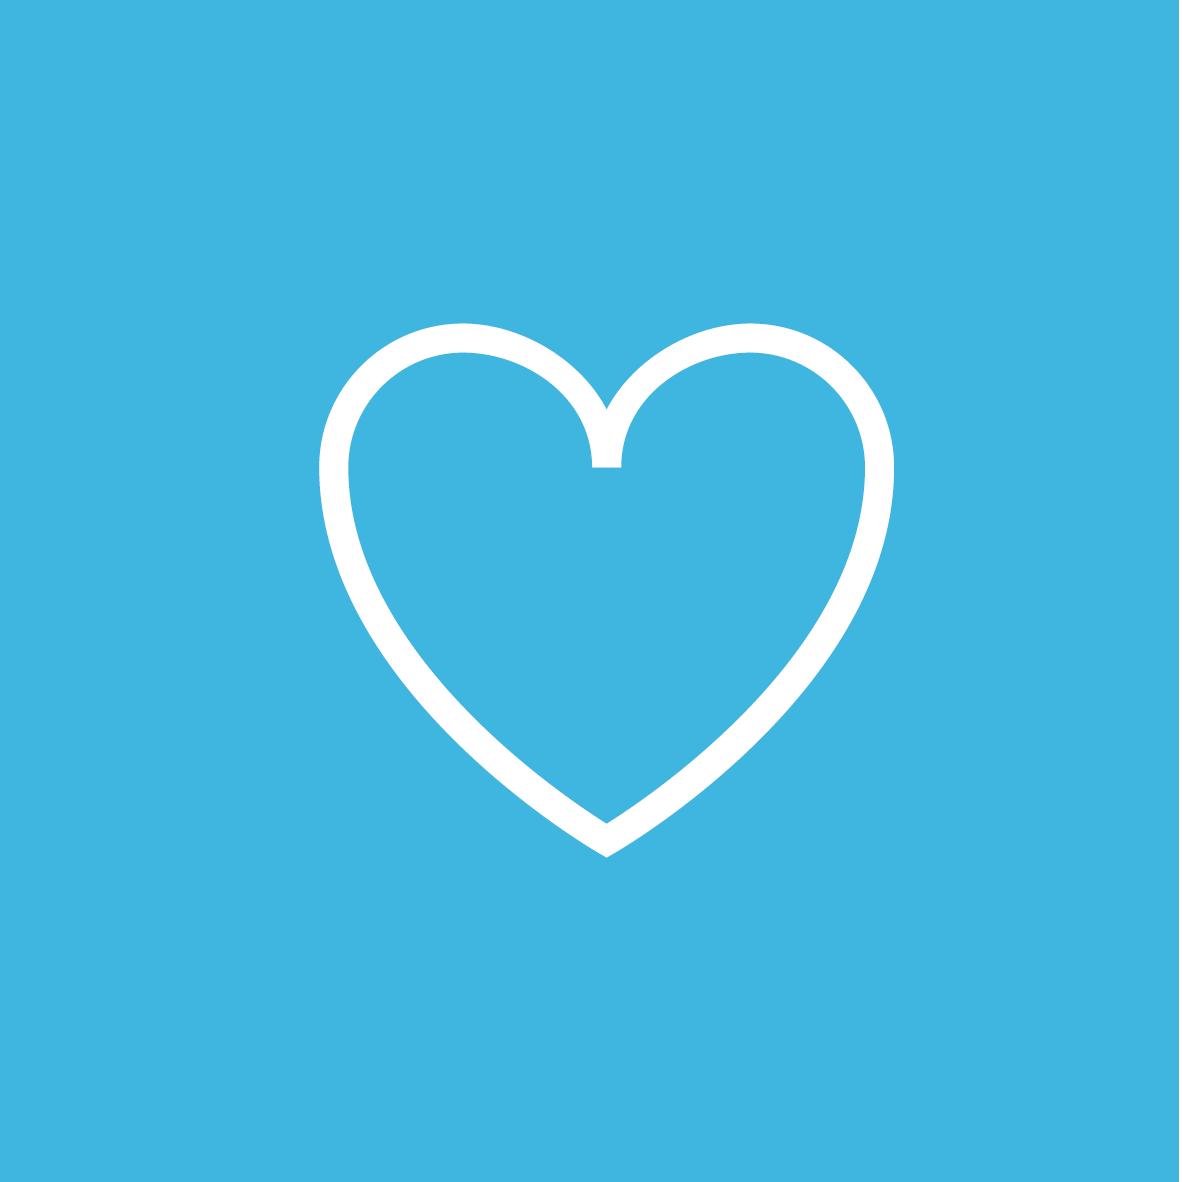 Relationsproblem - När relationerna kärvar och missförstånd, besvikelser eller oenighet tar för mycket plats. Ibland blir relationen till partner, barn, arbetskamrater eller viktiga personer i vårt liv inte som vi hoppats. Vem som helst kan köra fast. Kommunikation, tillit och respekt är ledord. Vi vet att samtal kan ge nycklar till en nystart.